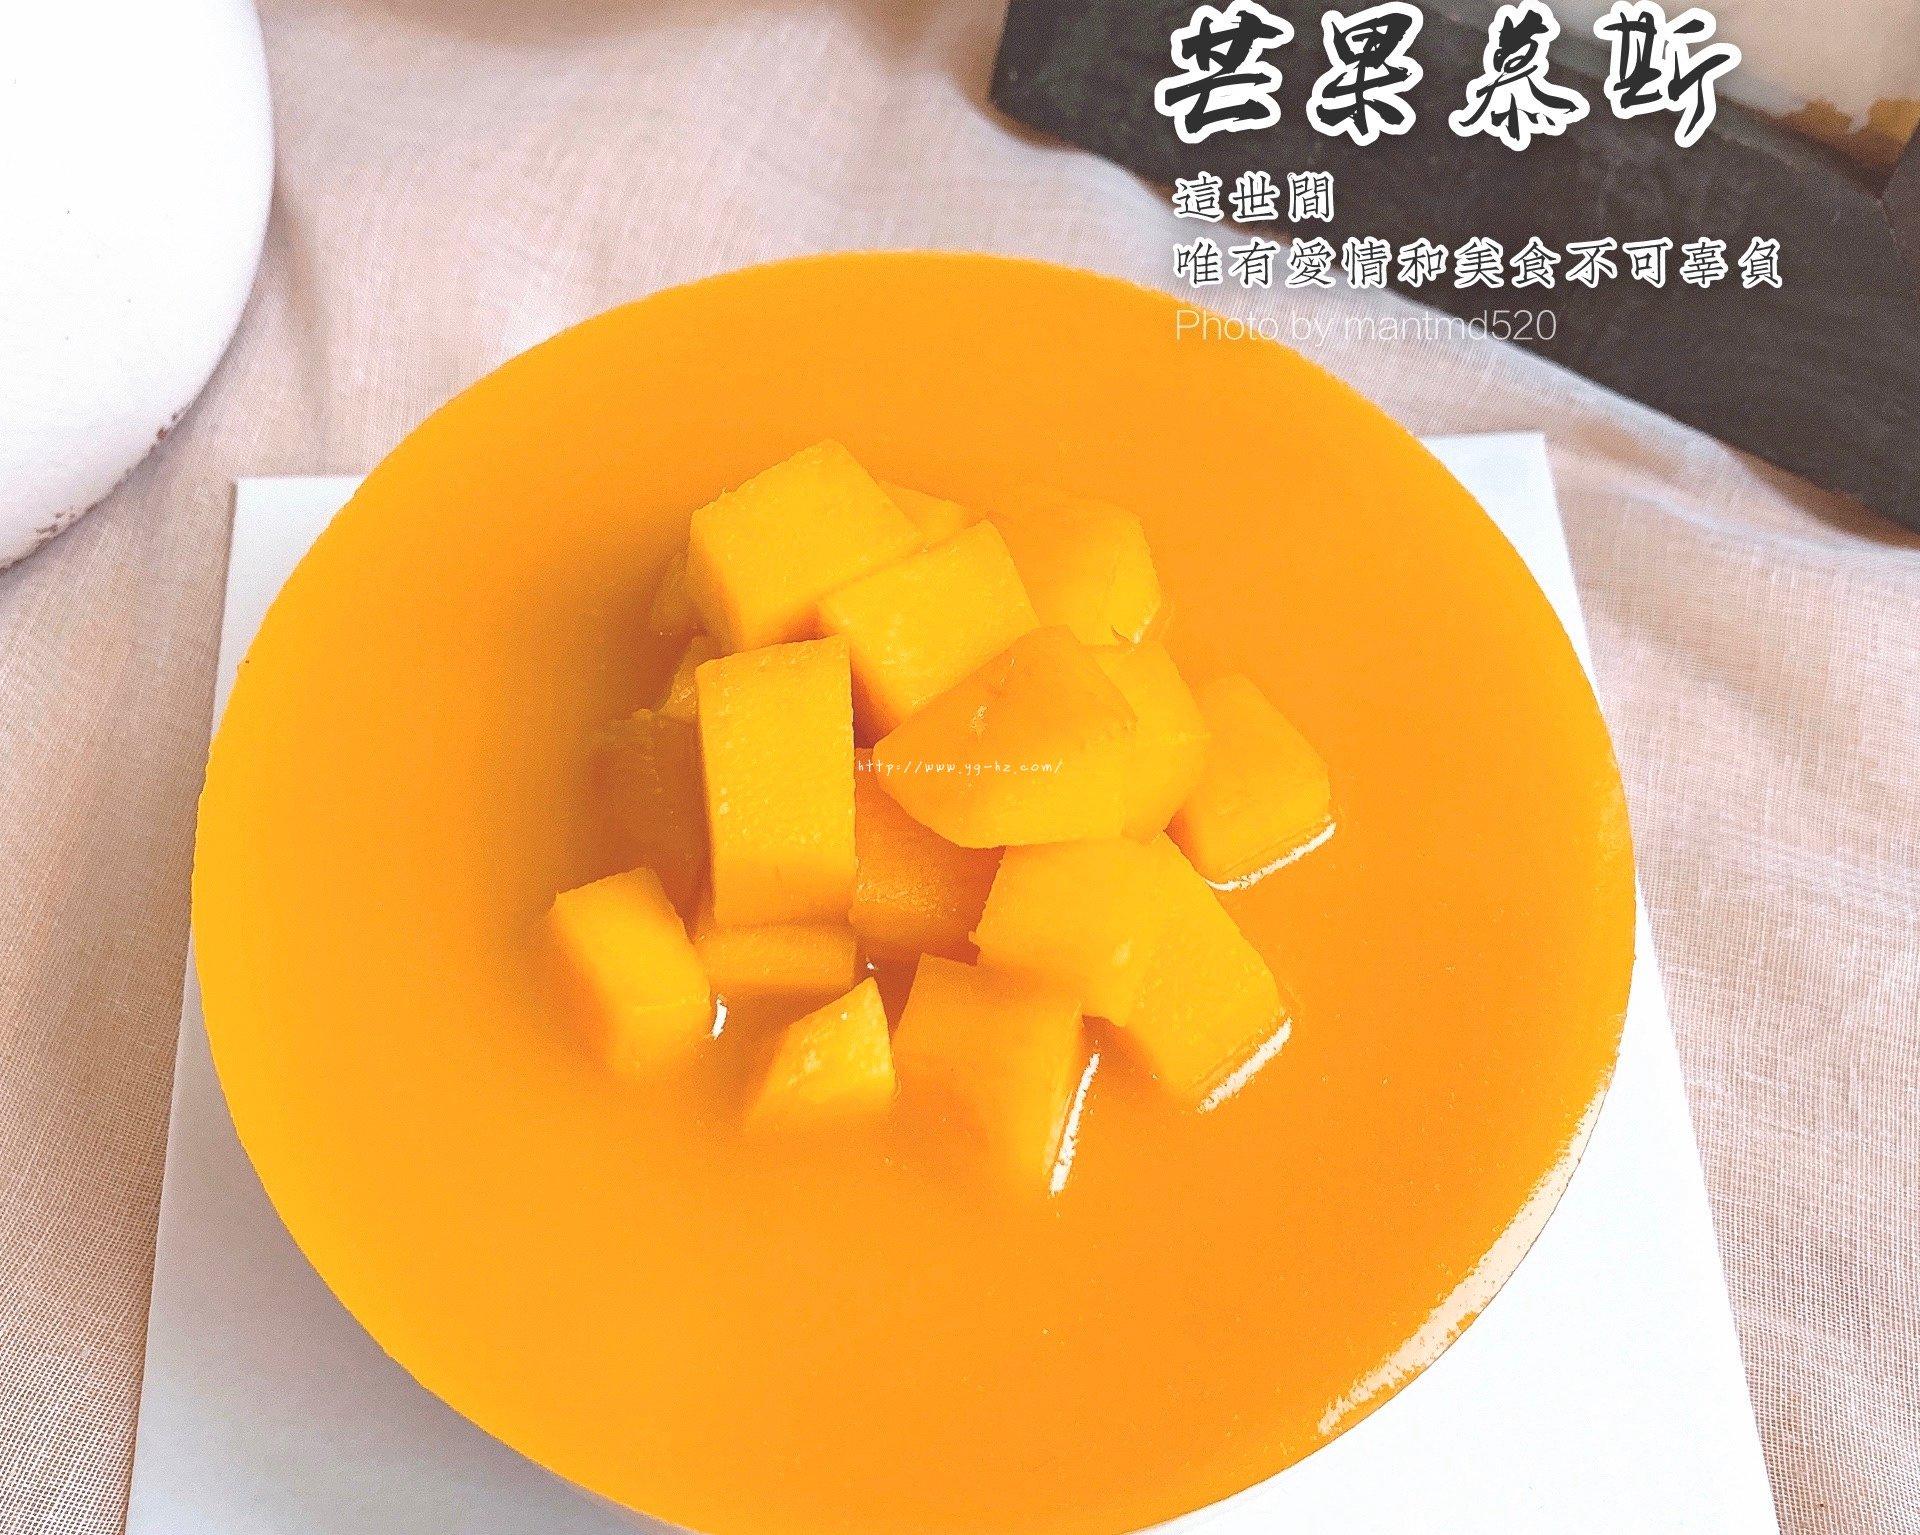 新手也可以的【芒果酸奶慕斯蛋糕】